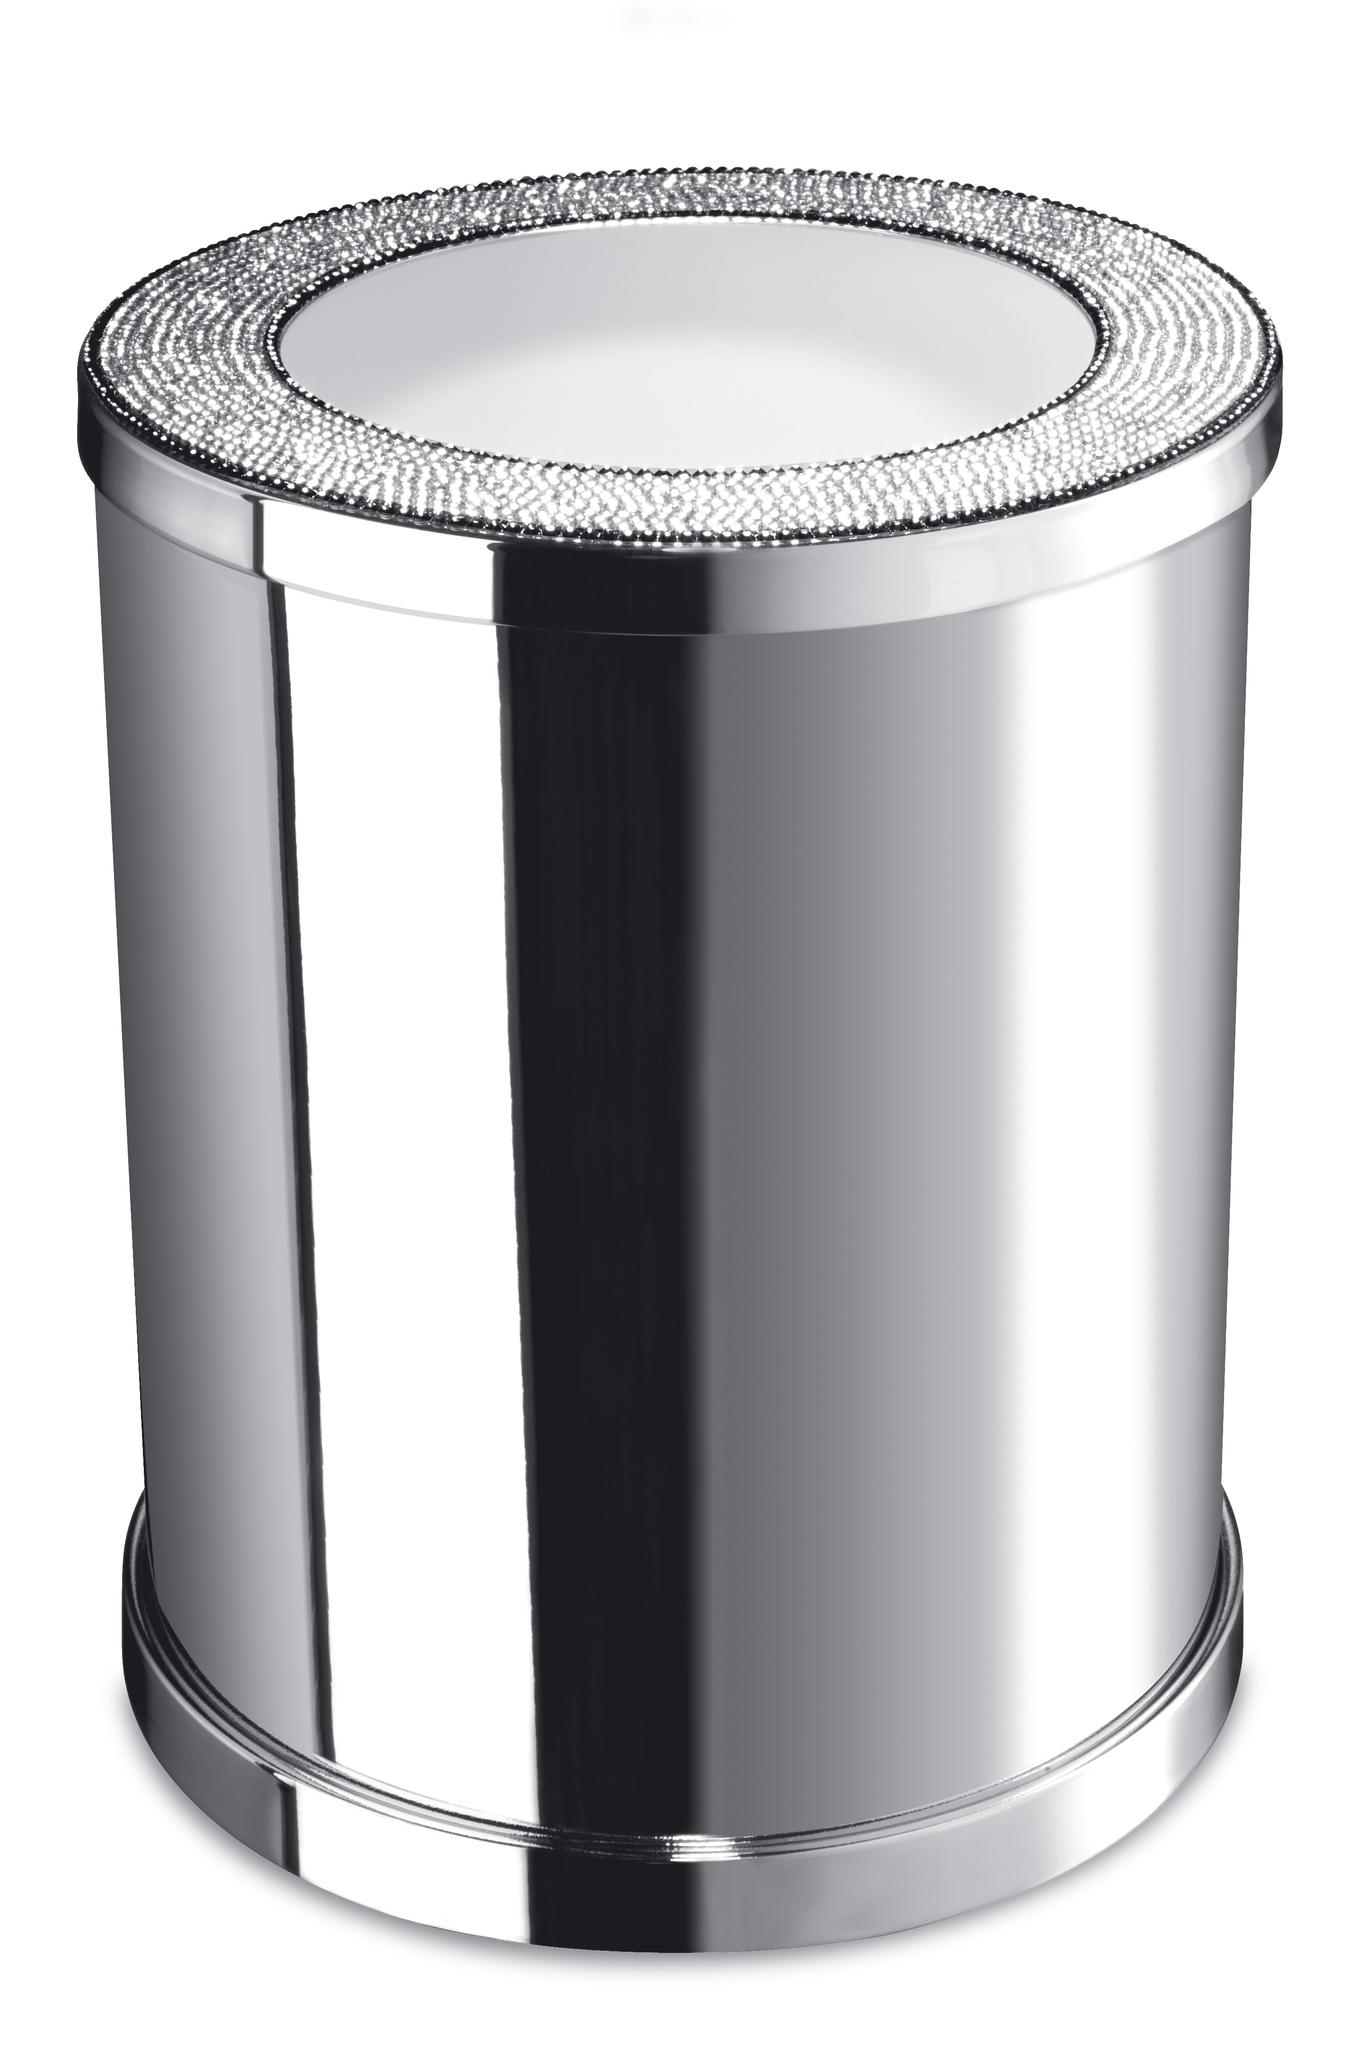 Ведра для мусора Ведро для мусора без крышки 89159CR Starlight от Windisch korzina-dlya-musora-bez-kryshki-2-forma-89159-starlight-ot-windisch-ispaniya.jpg